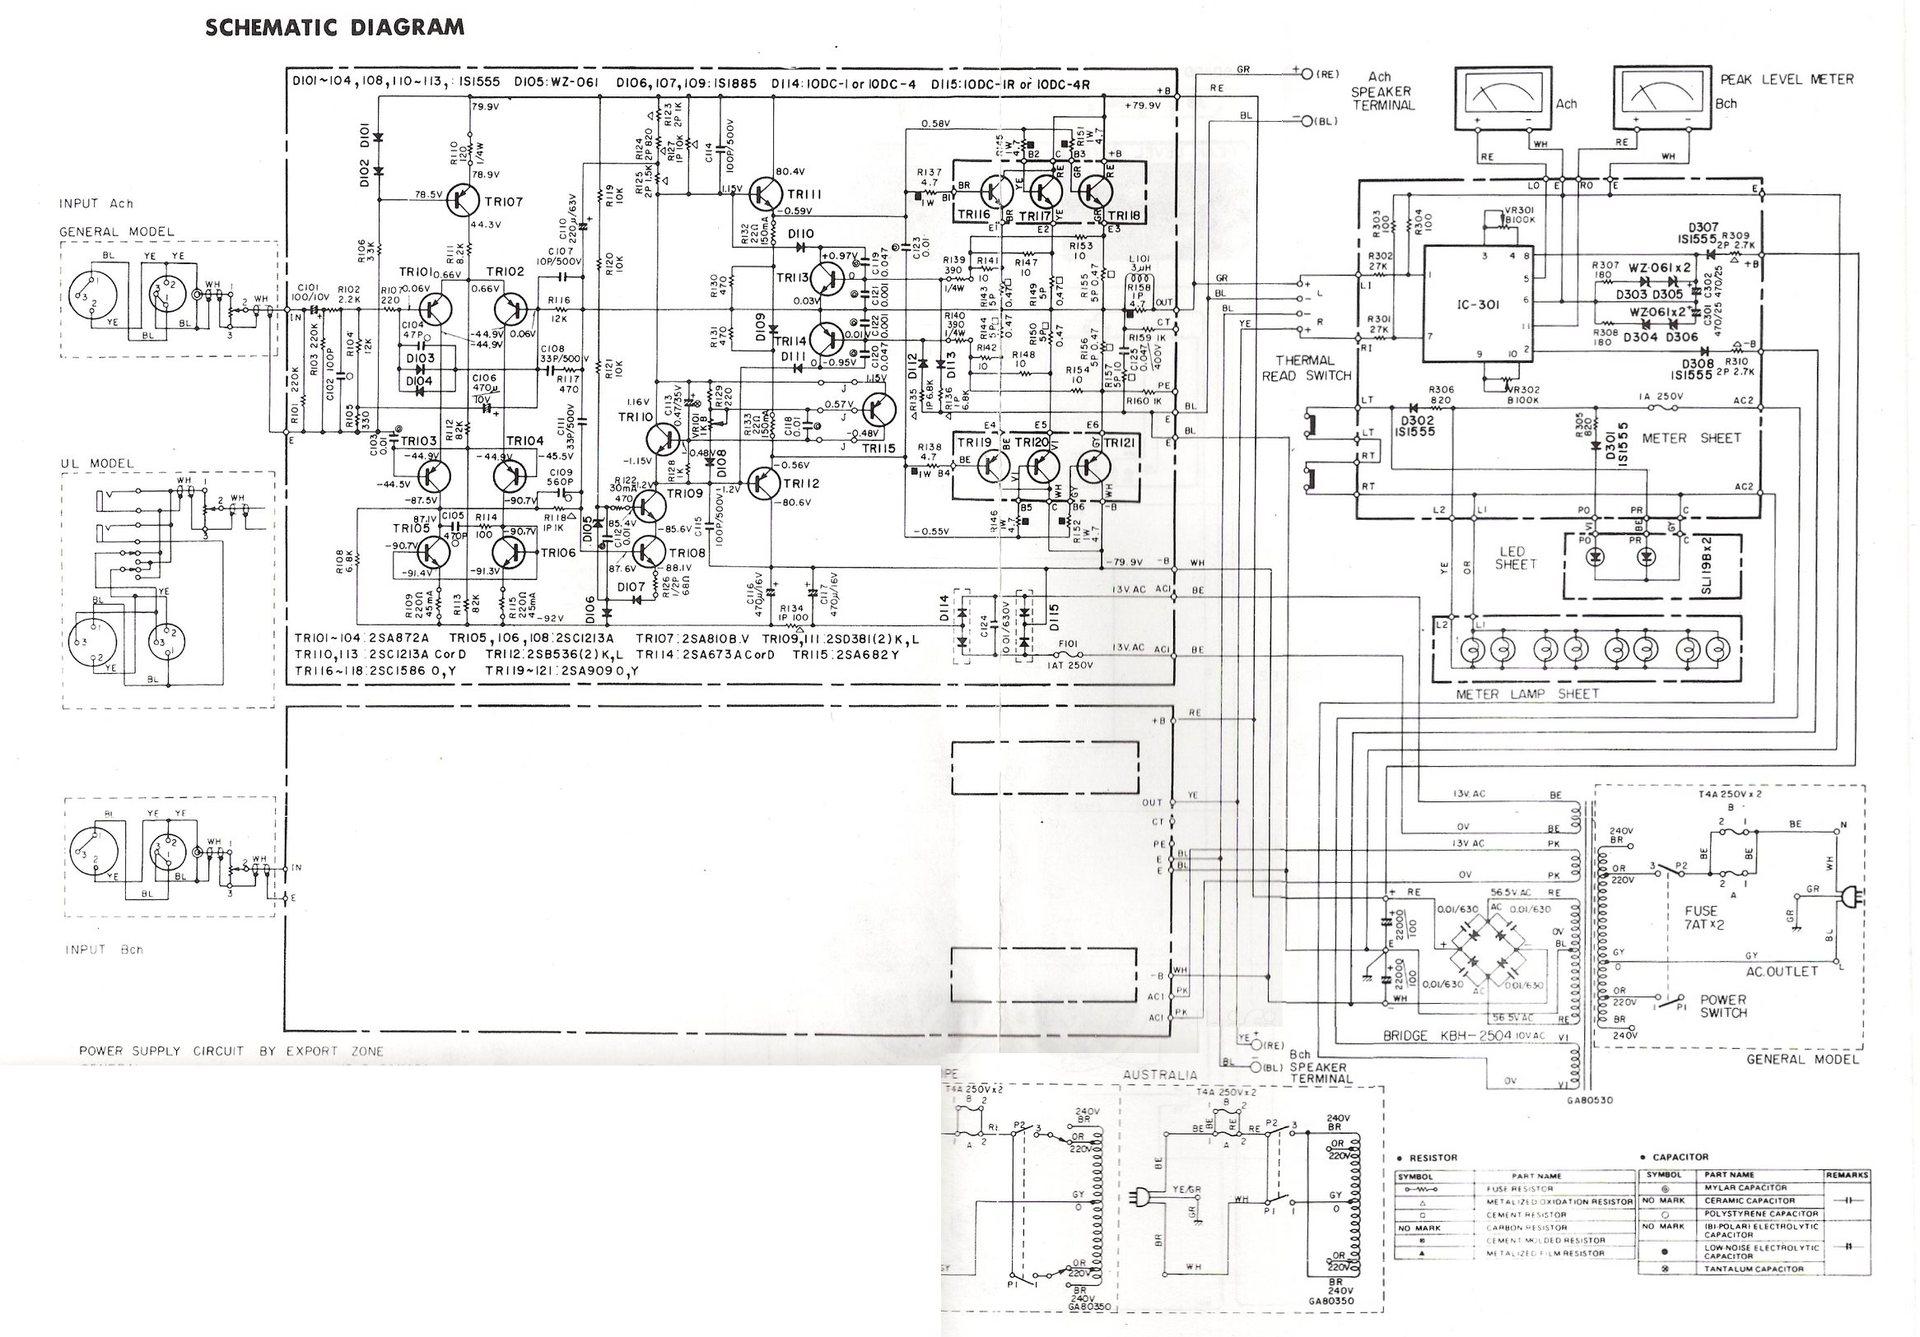 Ungewöhnlich Yamaha Misst Drahtdiagramm Bilder - Der Schaltplan ...